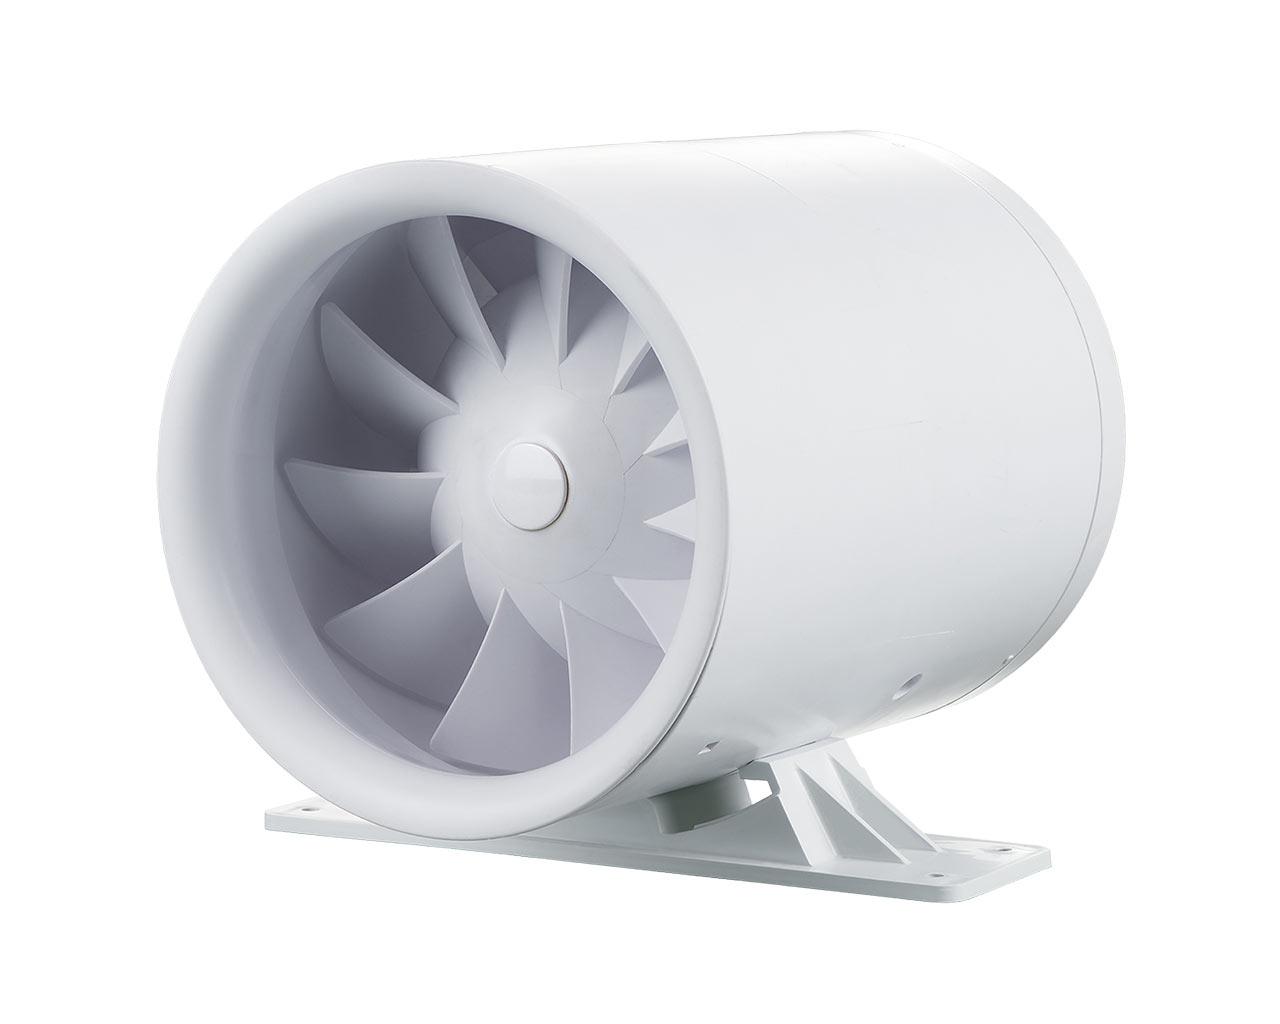 SIKU 100 Turbine-k Duo T1